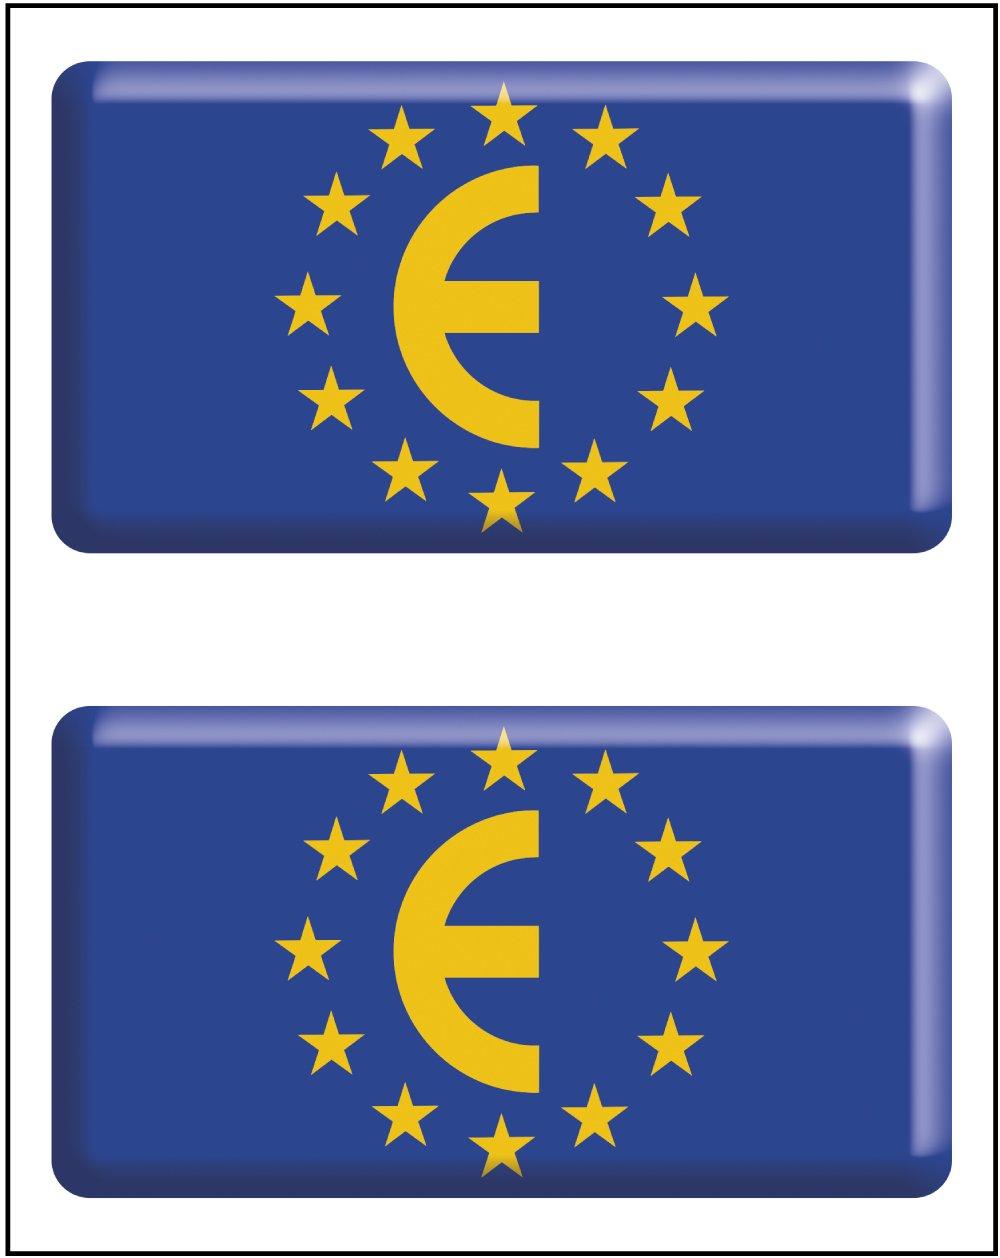 Artimagen Pegatina Bandera rectá ngulo Unió n Europea 2 uds. Resina 48x26 mm/ud. Ediciones Imagina S.L.